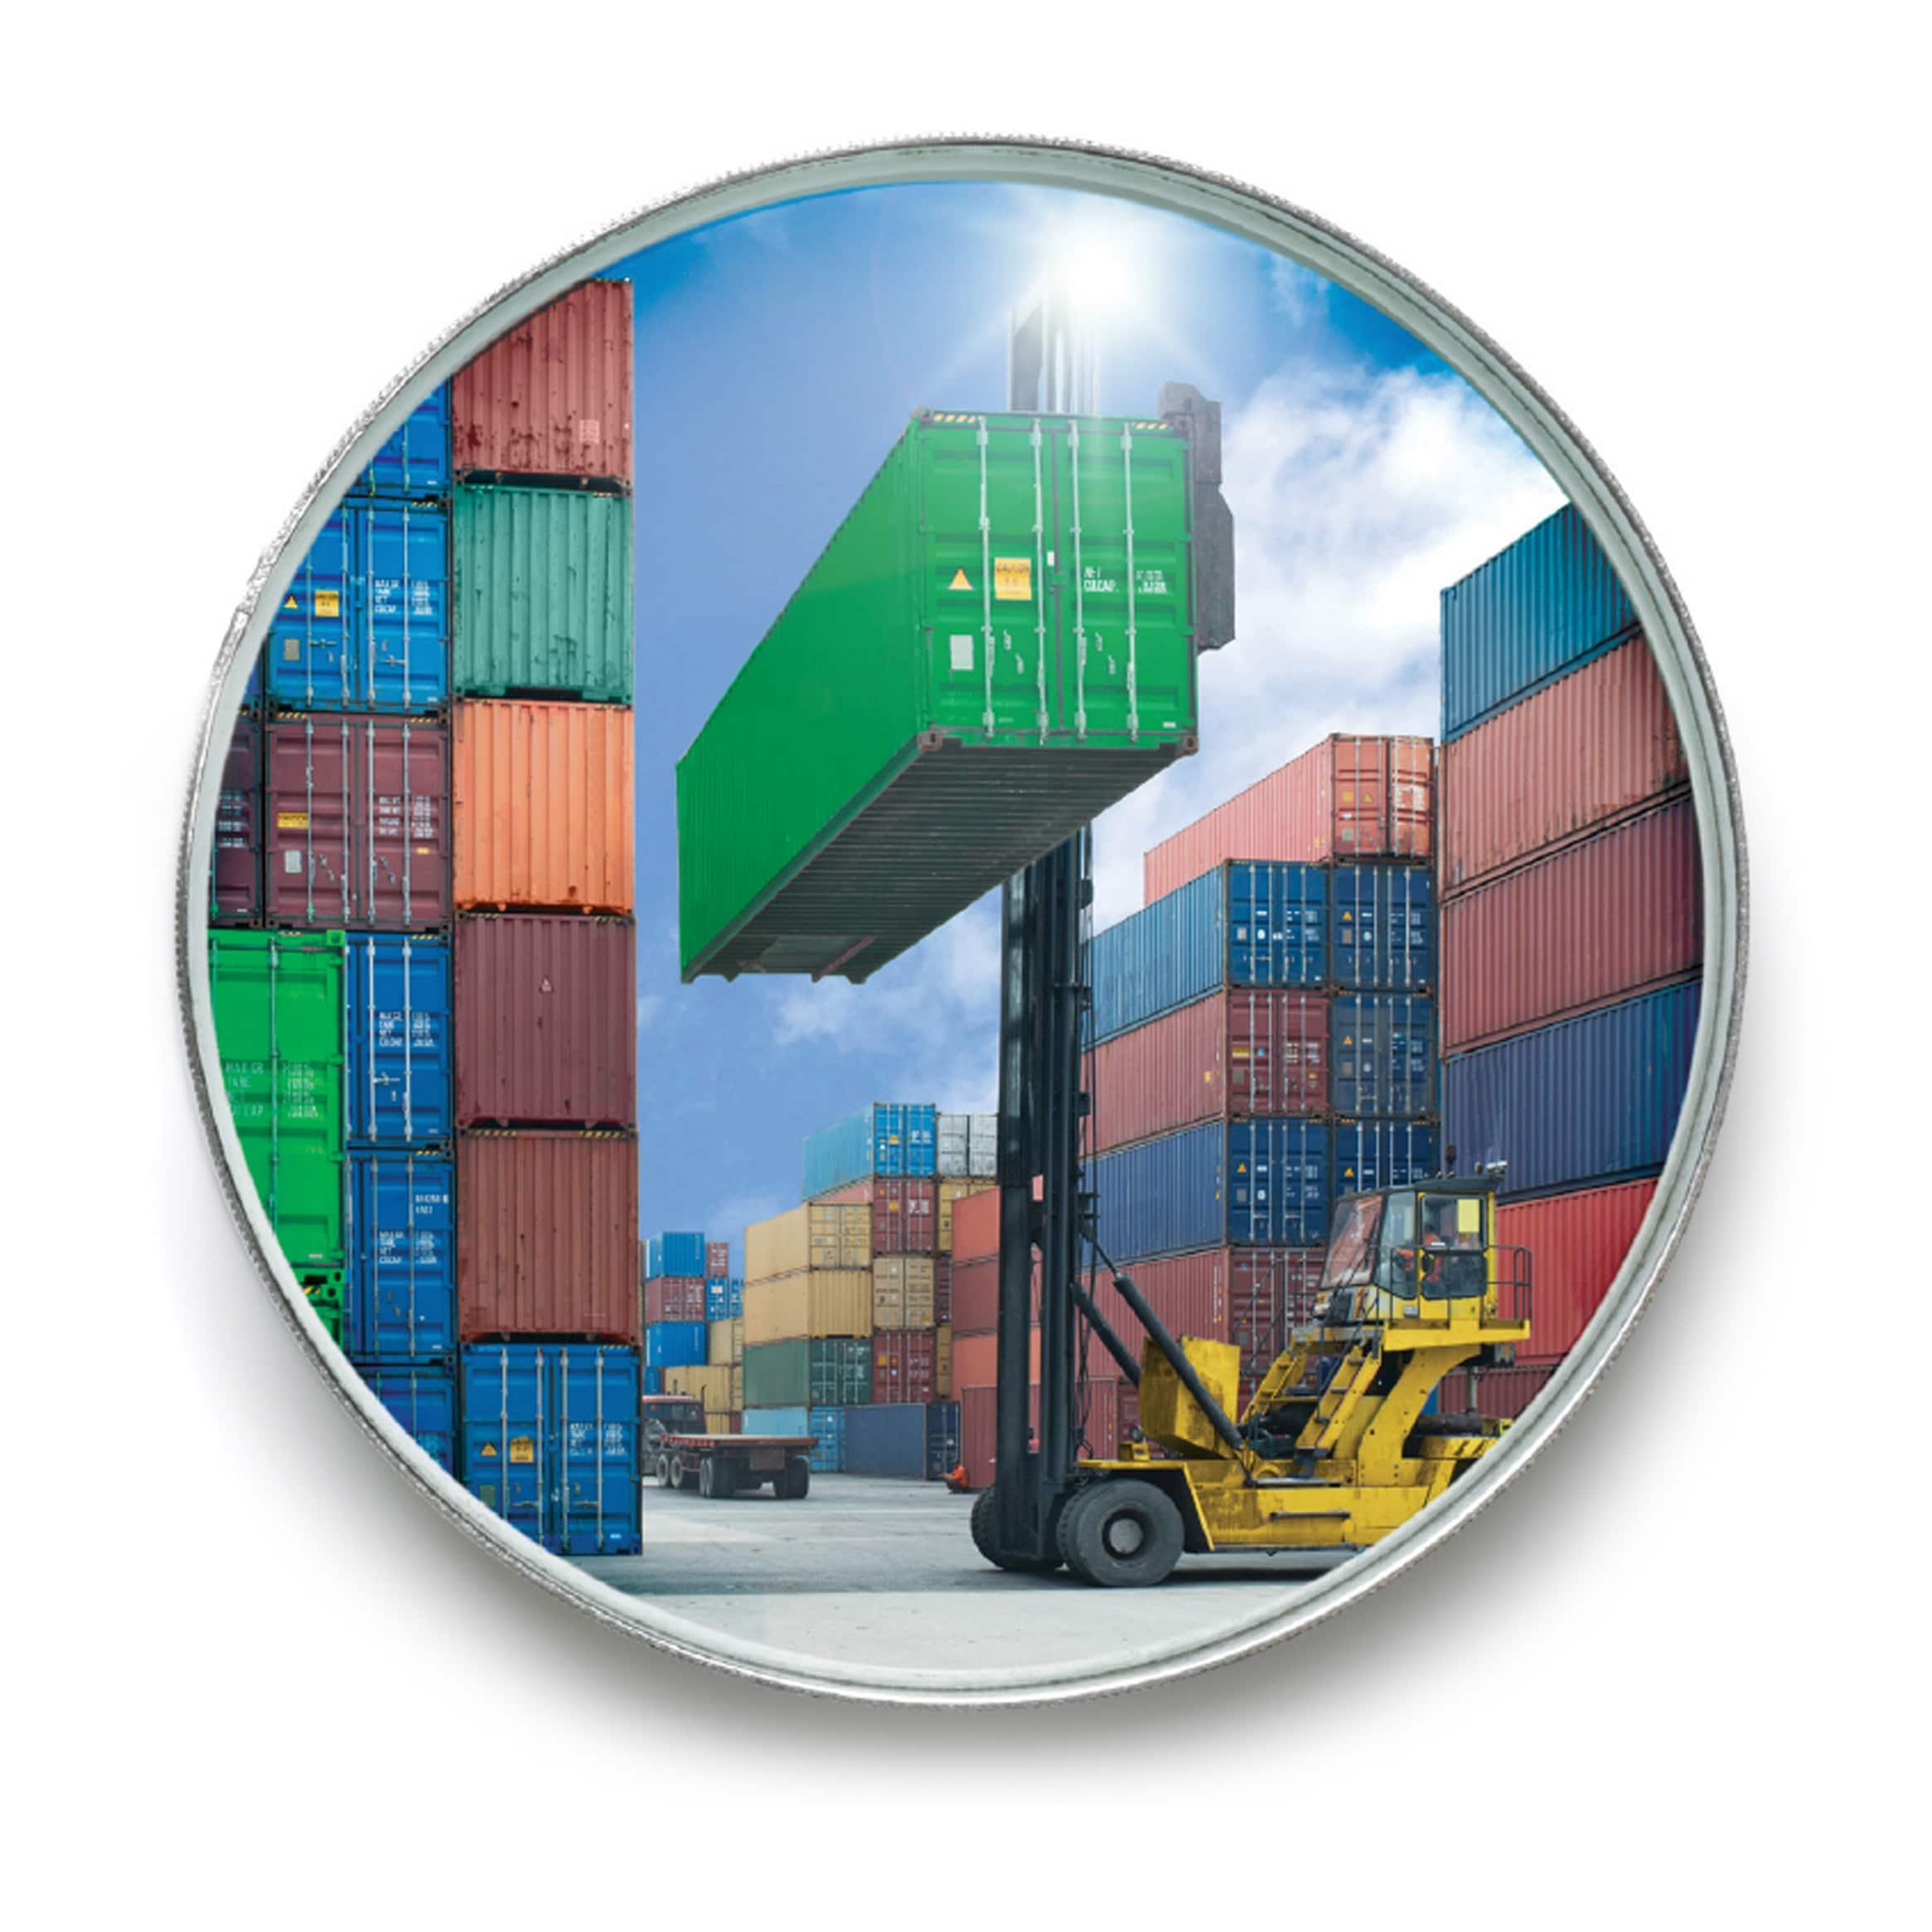 Reglas de comercio exterior 2017 deloitte m xico - Reglas generales de comercio exterior 2017 ...